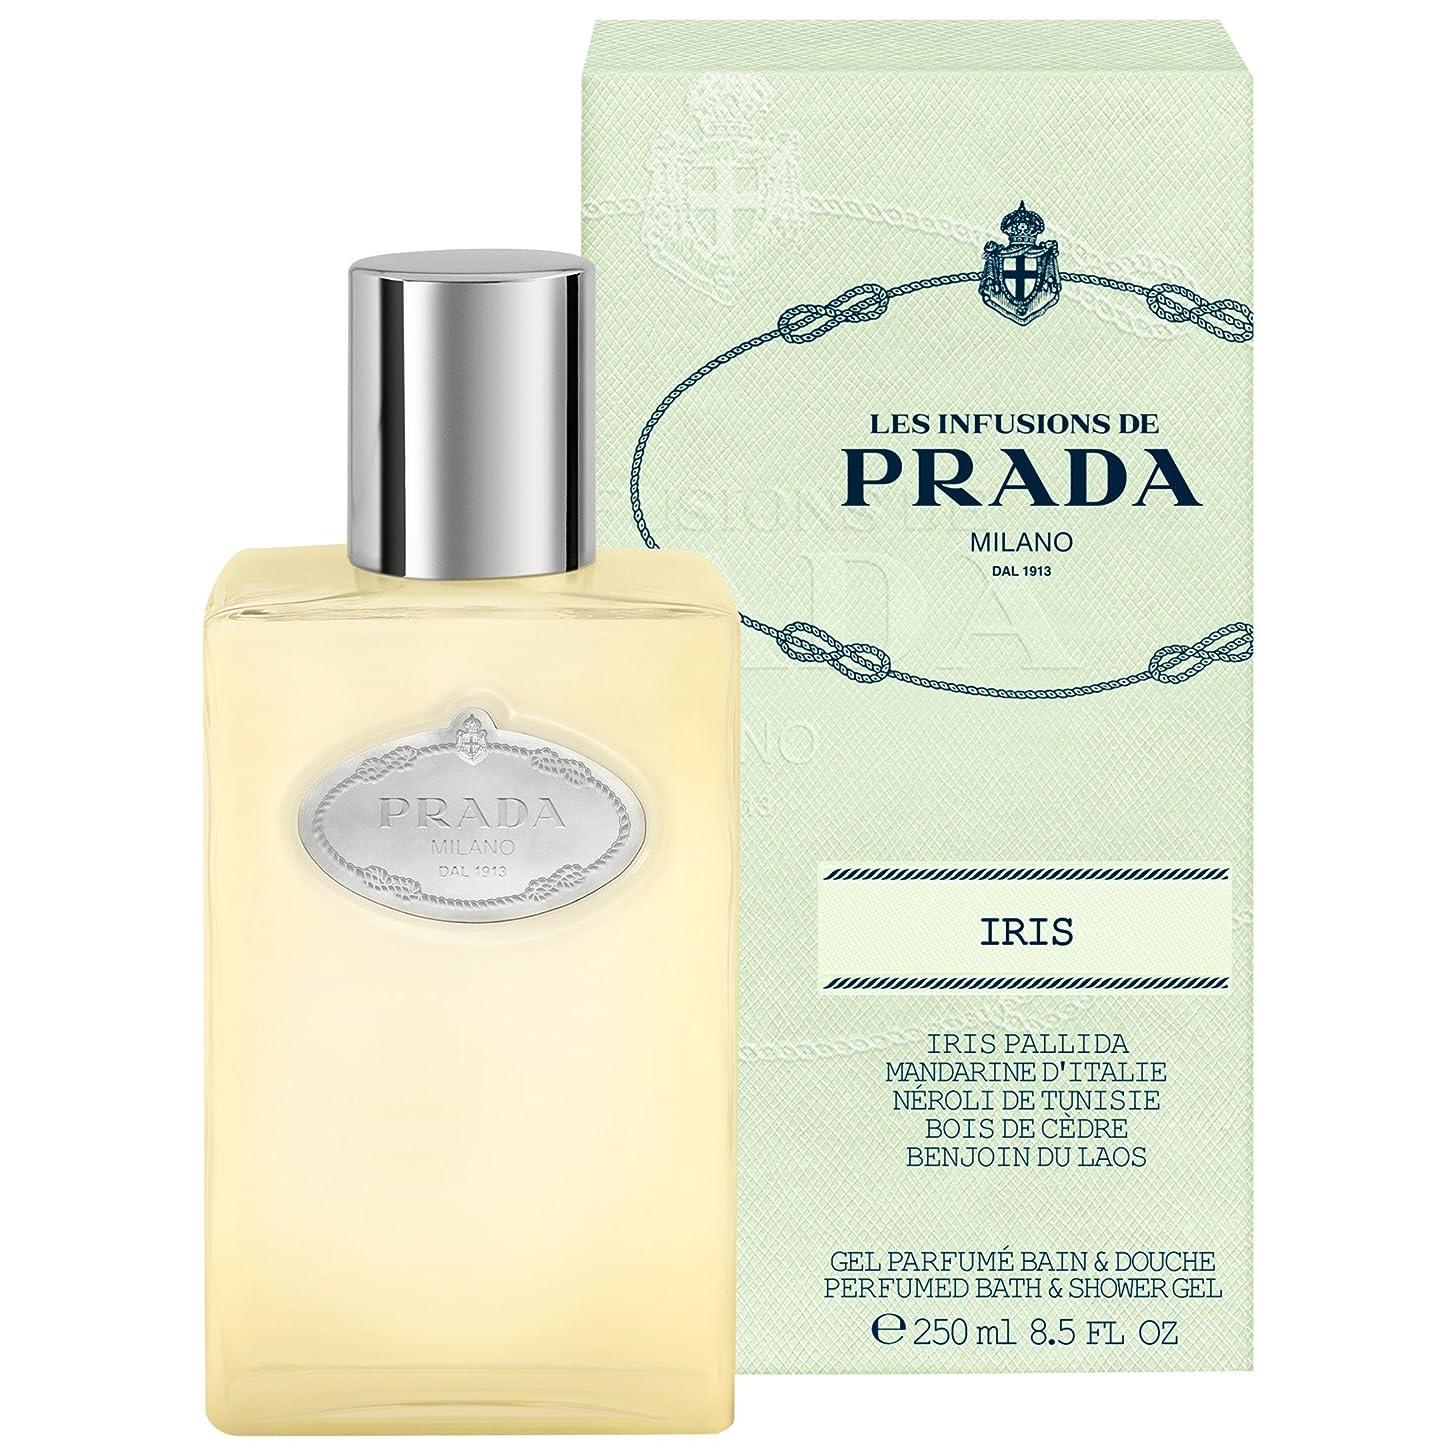 フラッシュのように素早く予知モノグラフプラダアイリスシャワージェル250ミリリットル (Prada) (x2) - Prada Iris Shower Gel 250ml (Pack of 2) [並行輸入品]